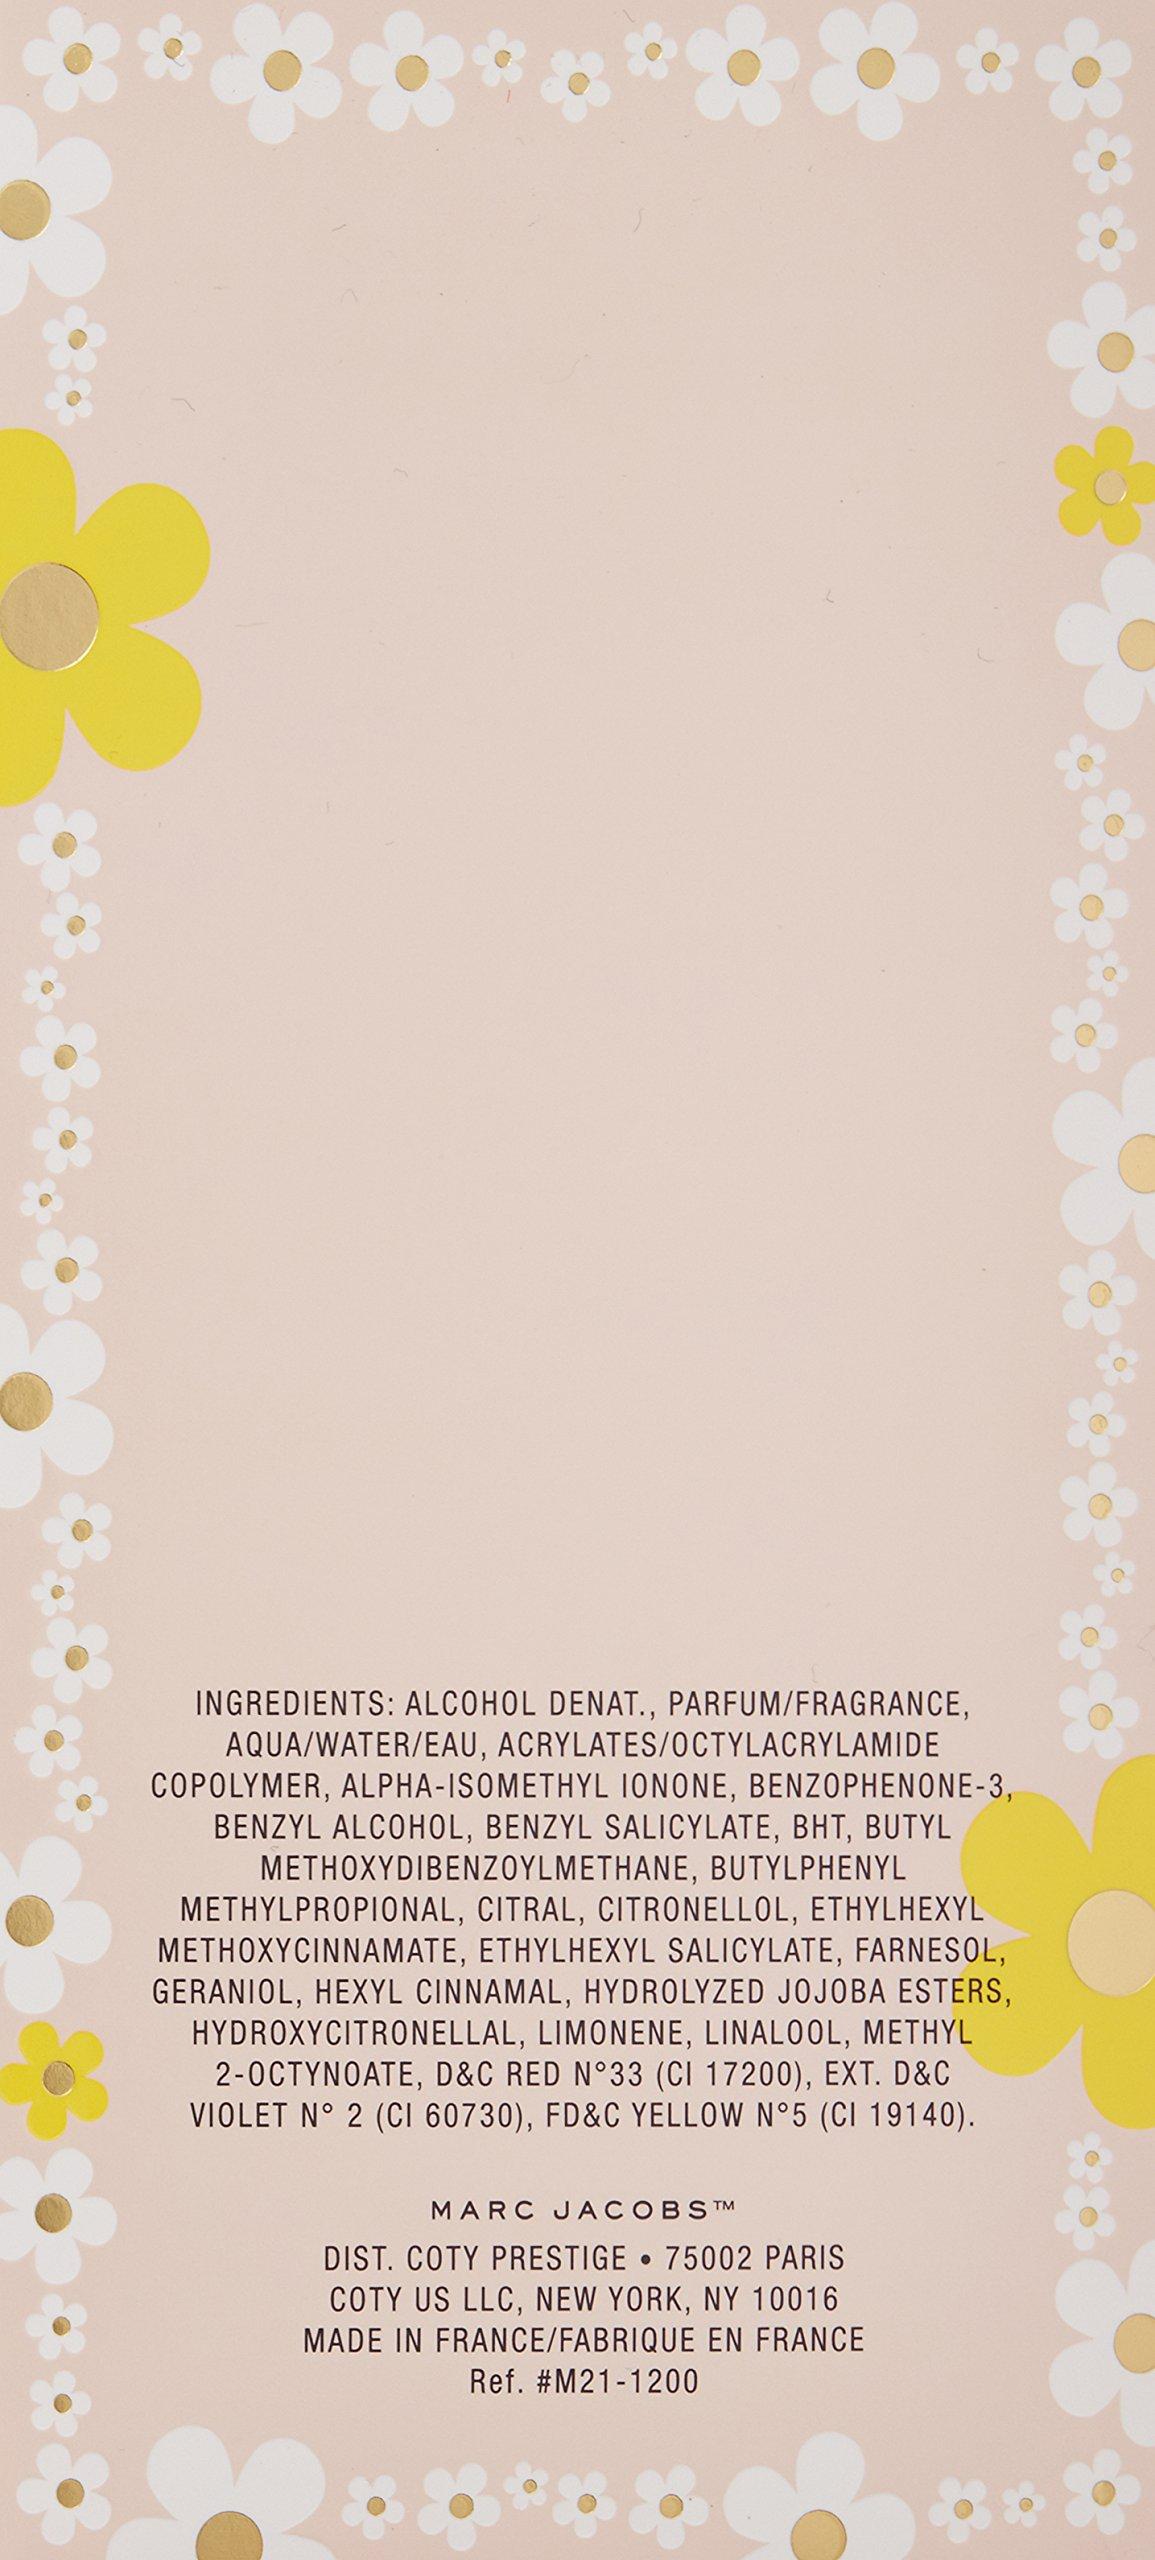 Marc Jacobs Daisy Eau So Fresh Eau de Toilette Spray-125ml/4.25 oz. by Marc Jacobs (Image #2)